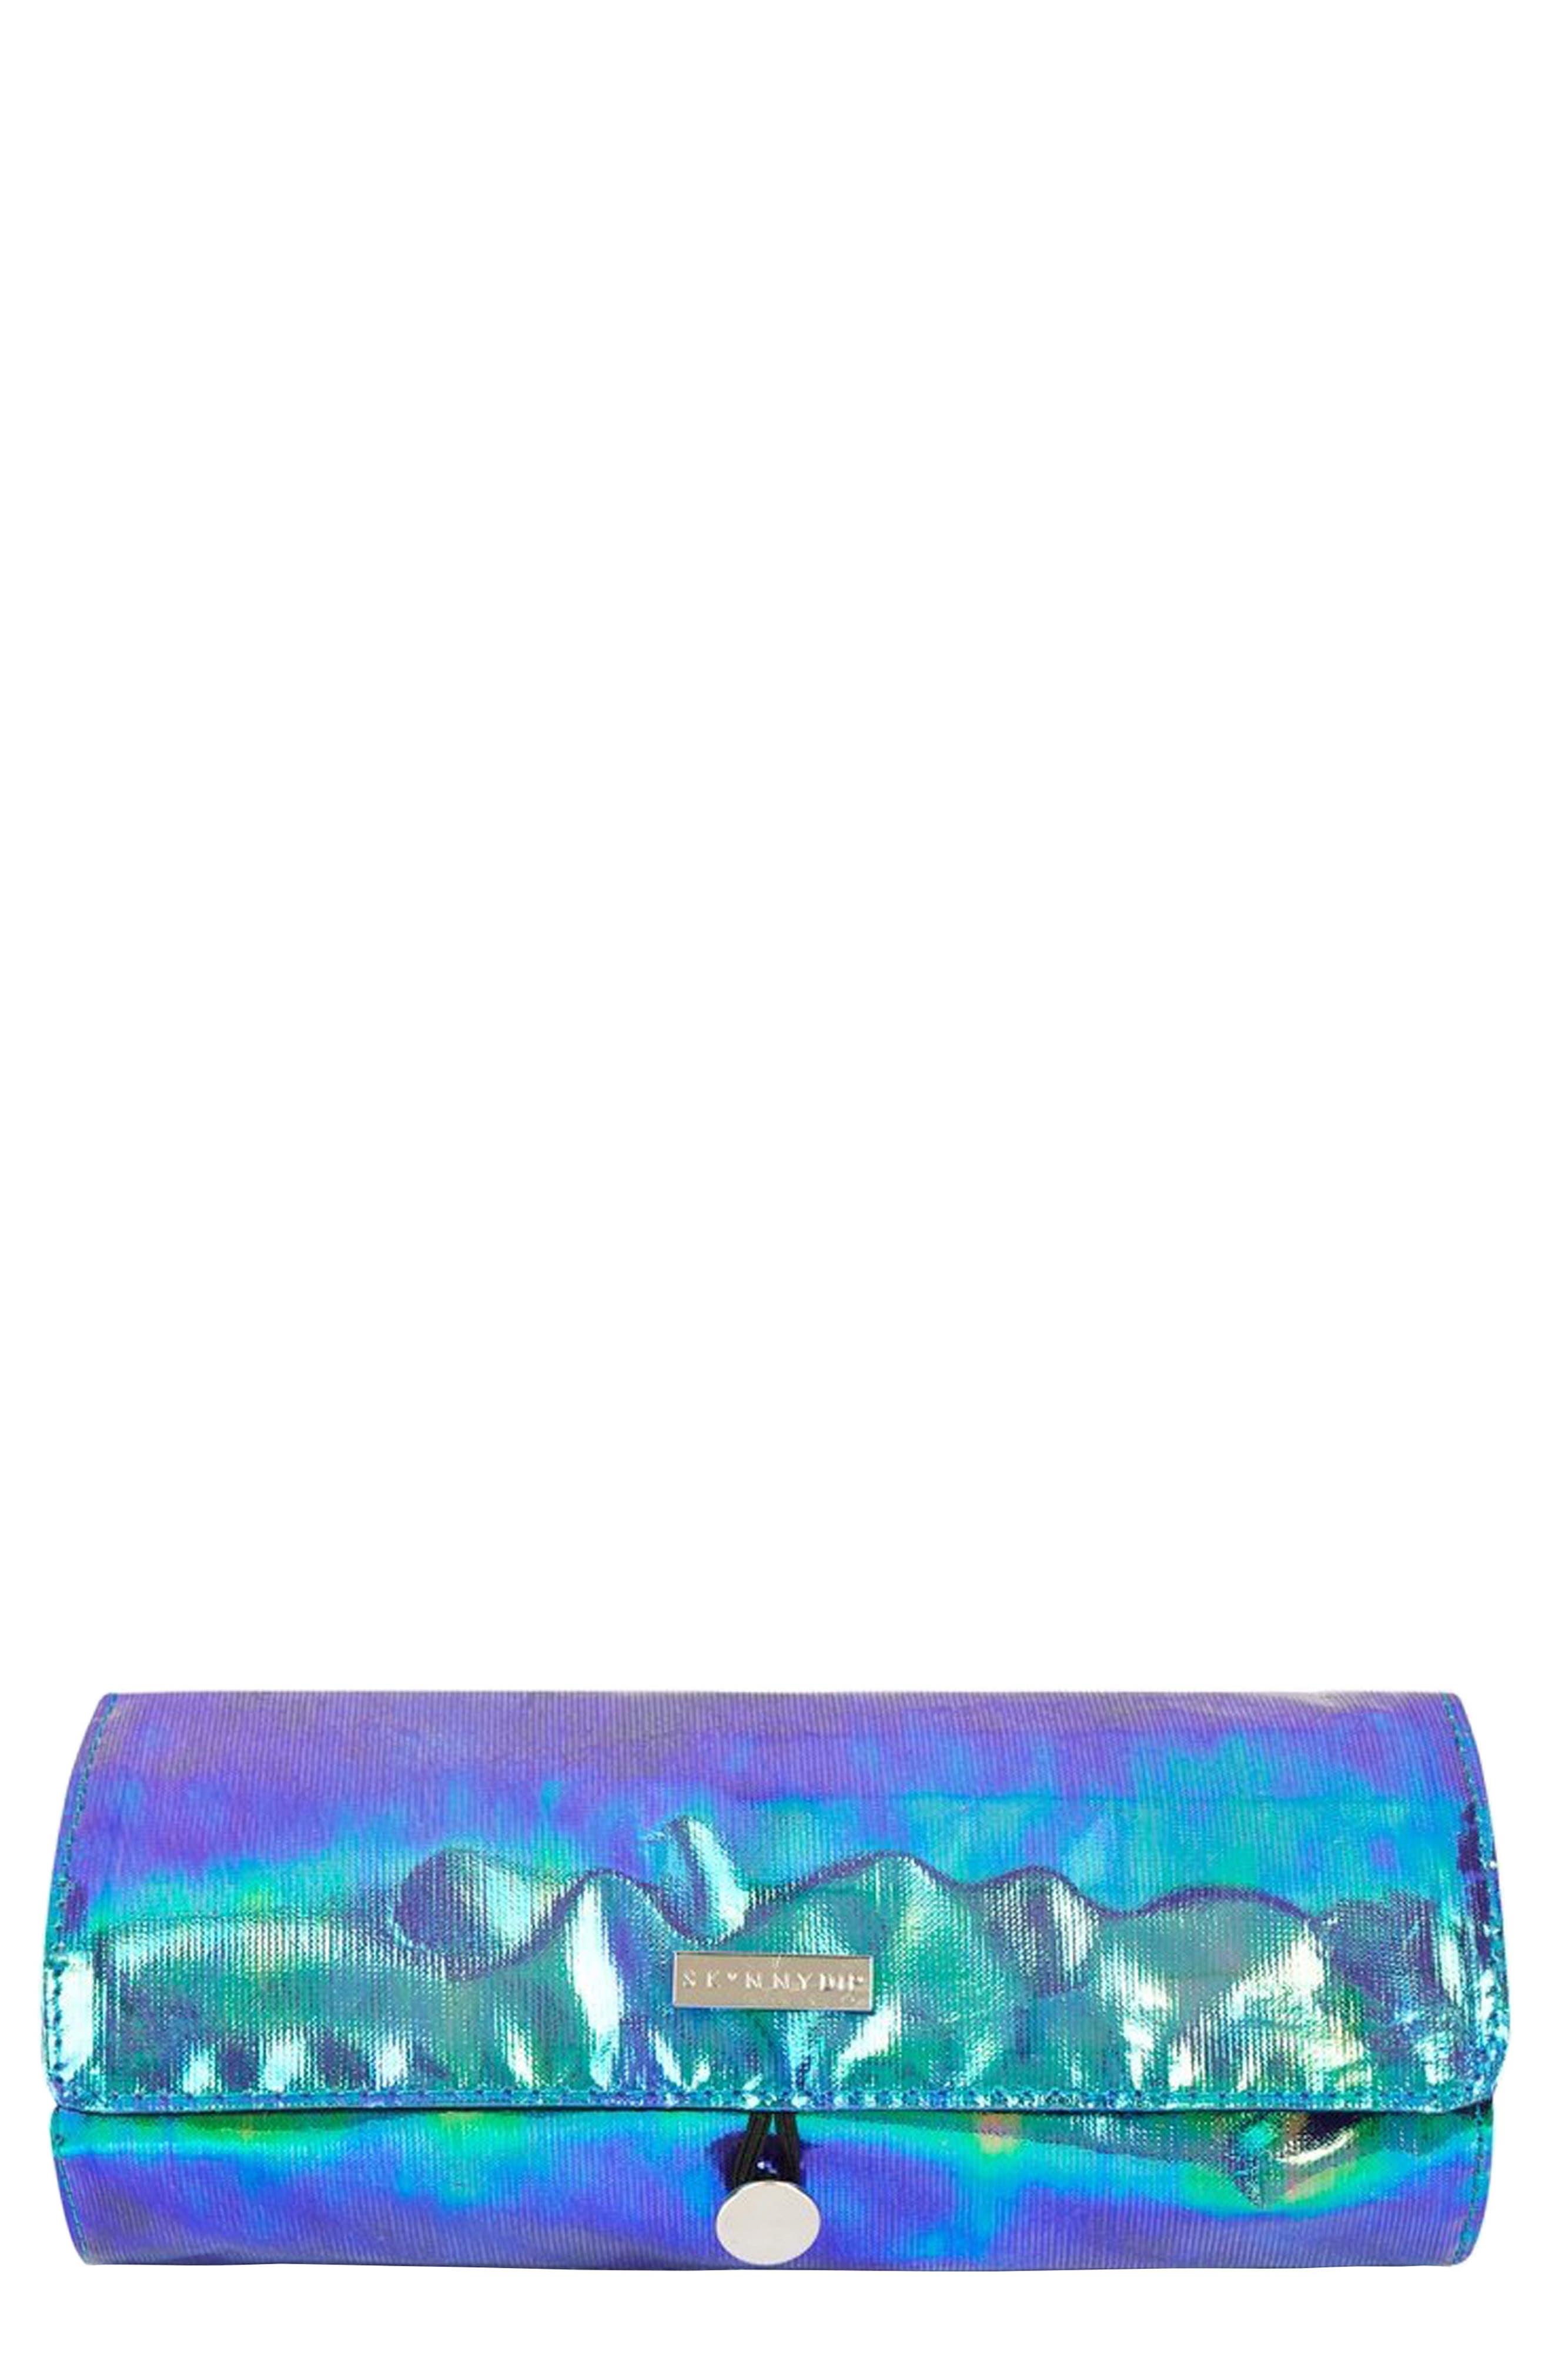 SKINNYDIP Mermaid Makeup Roll, Main, color, 000